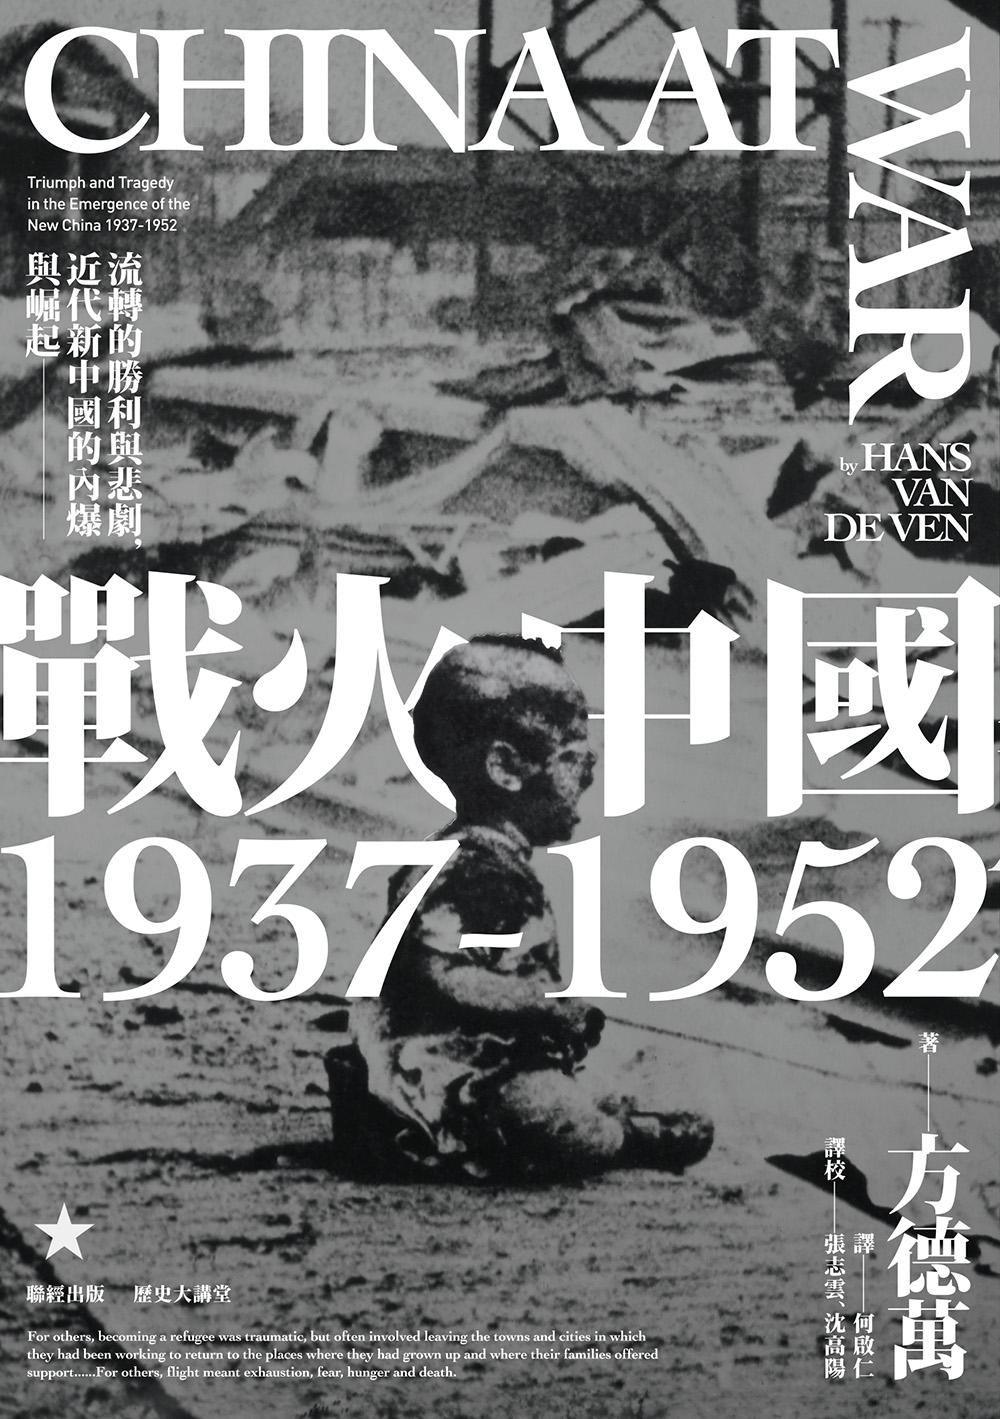 戰火中國1937-1952:流轉的勝利與悲劇,近代新中國的內爆與崛起 (電子書)